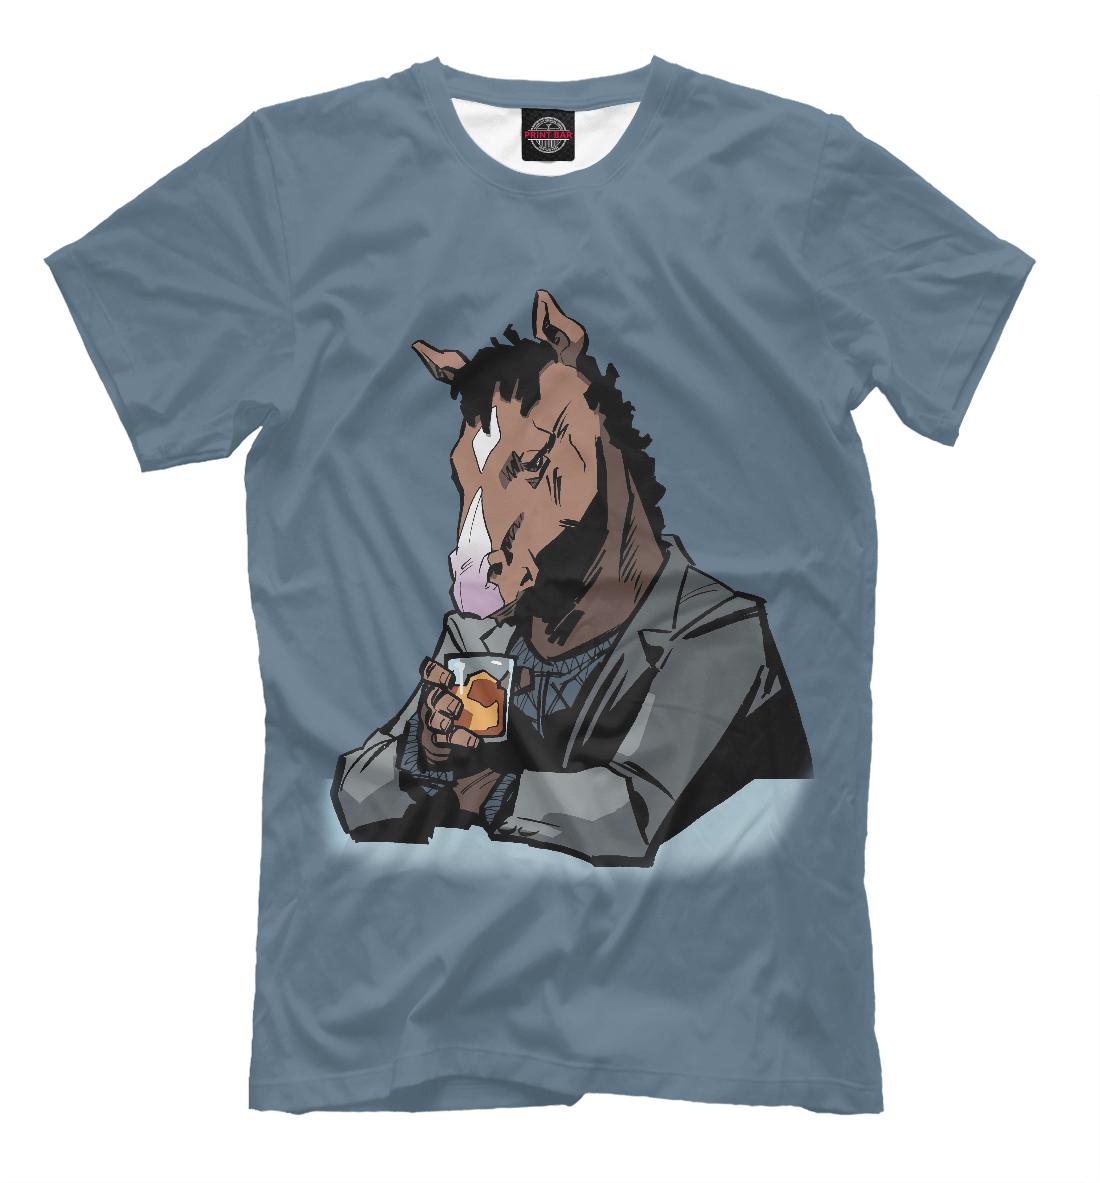 Купить BoJack Horseman, Printbar, Футболки, MFR-551528-fut-2